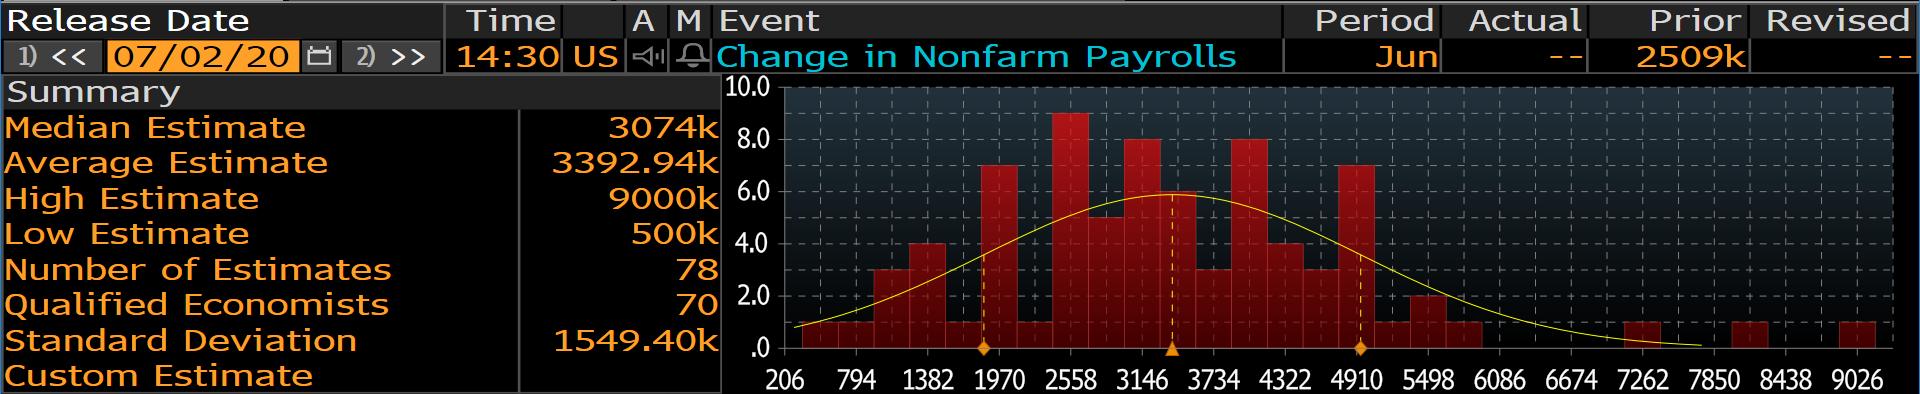 Zmiana zatrudnienia w sektorze pozarolniczym USA - zestawienie prognoz dla Bloomberga